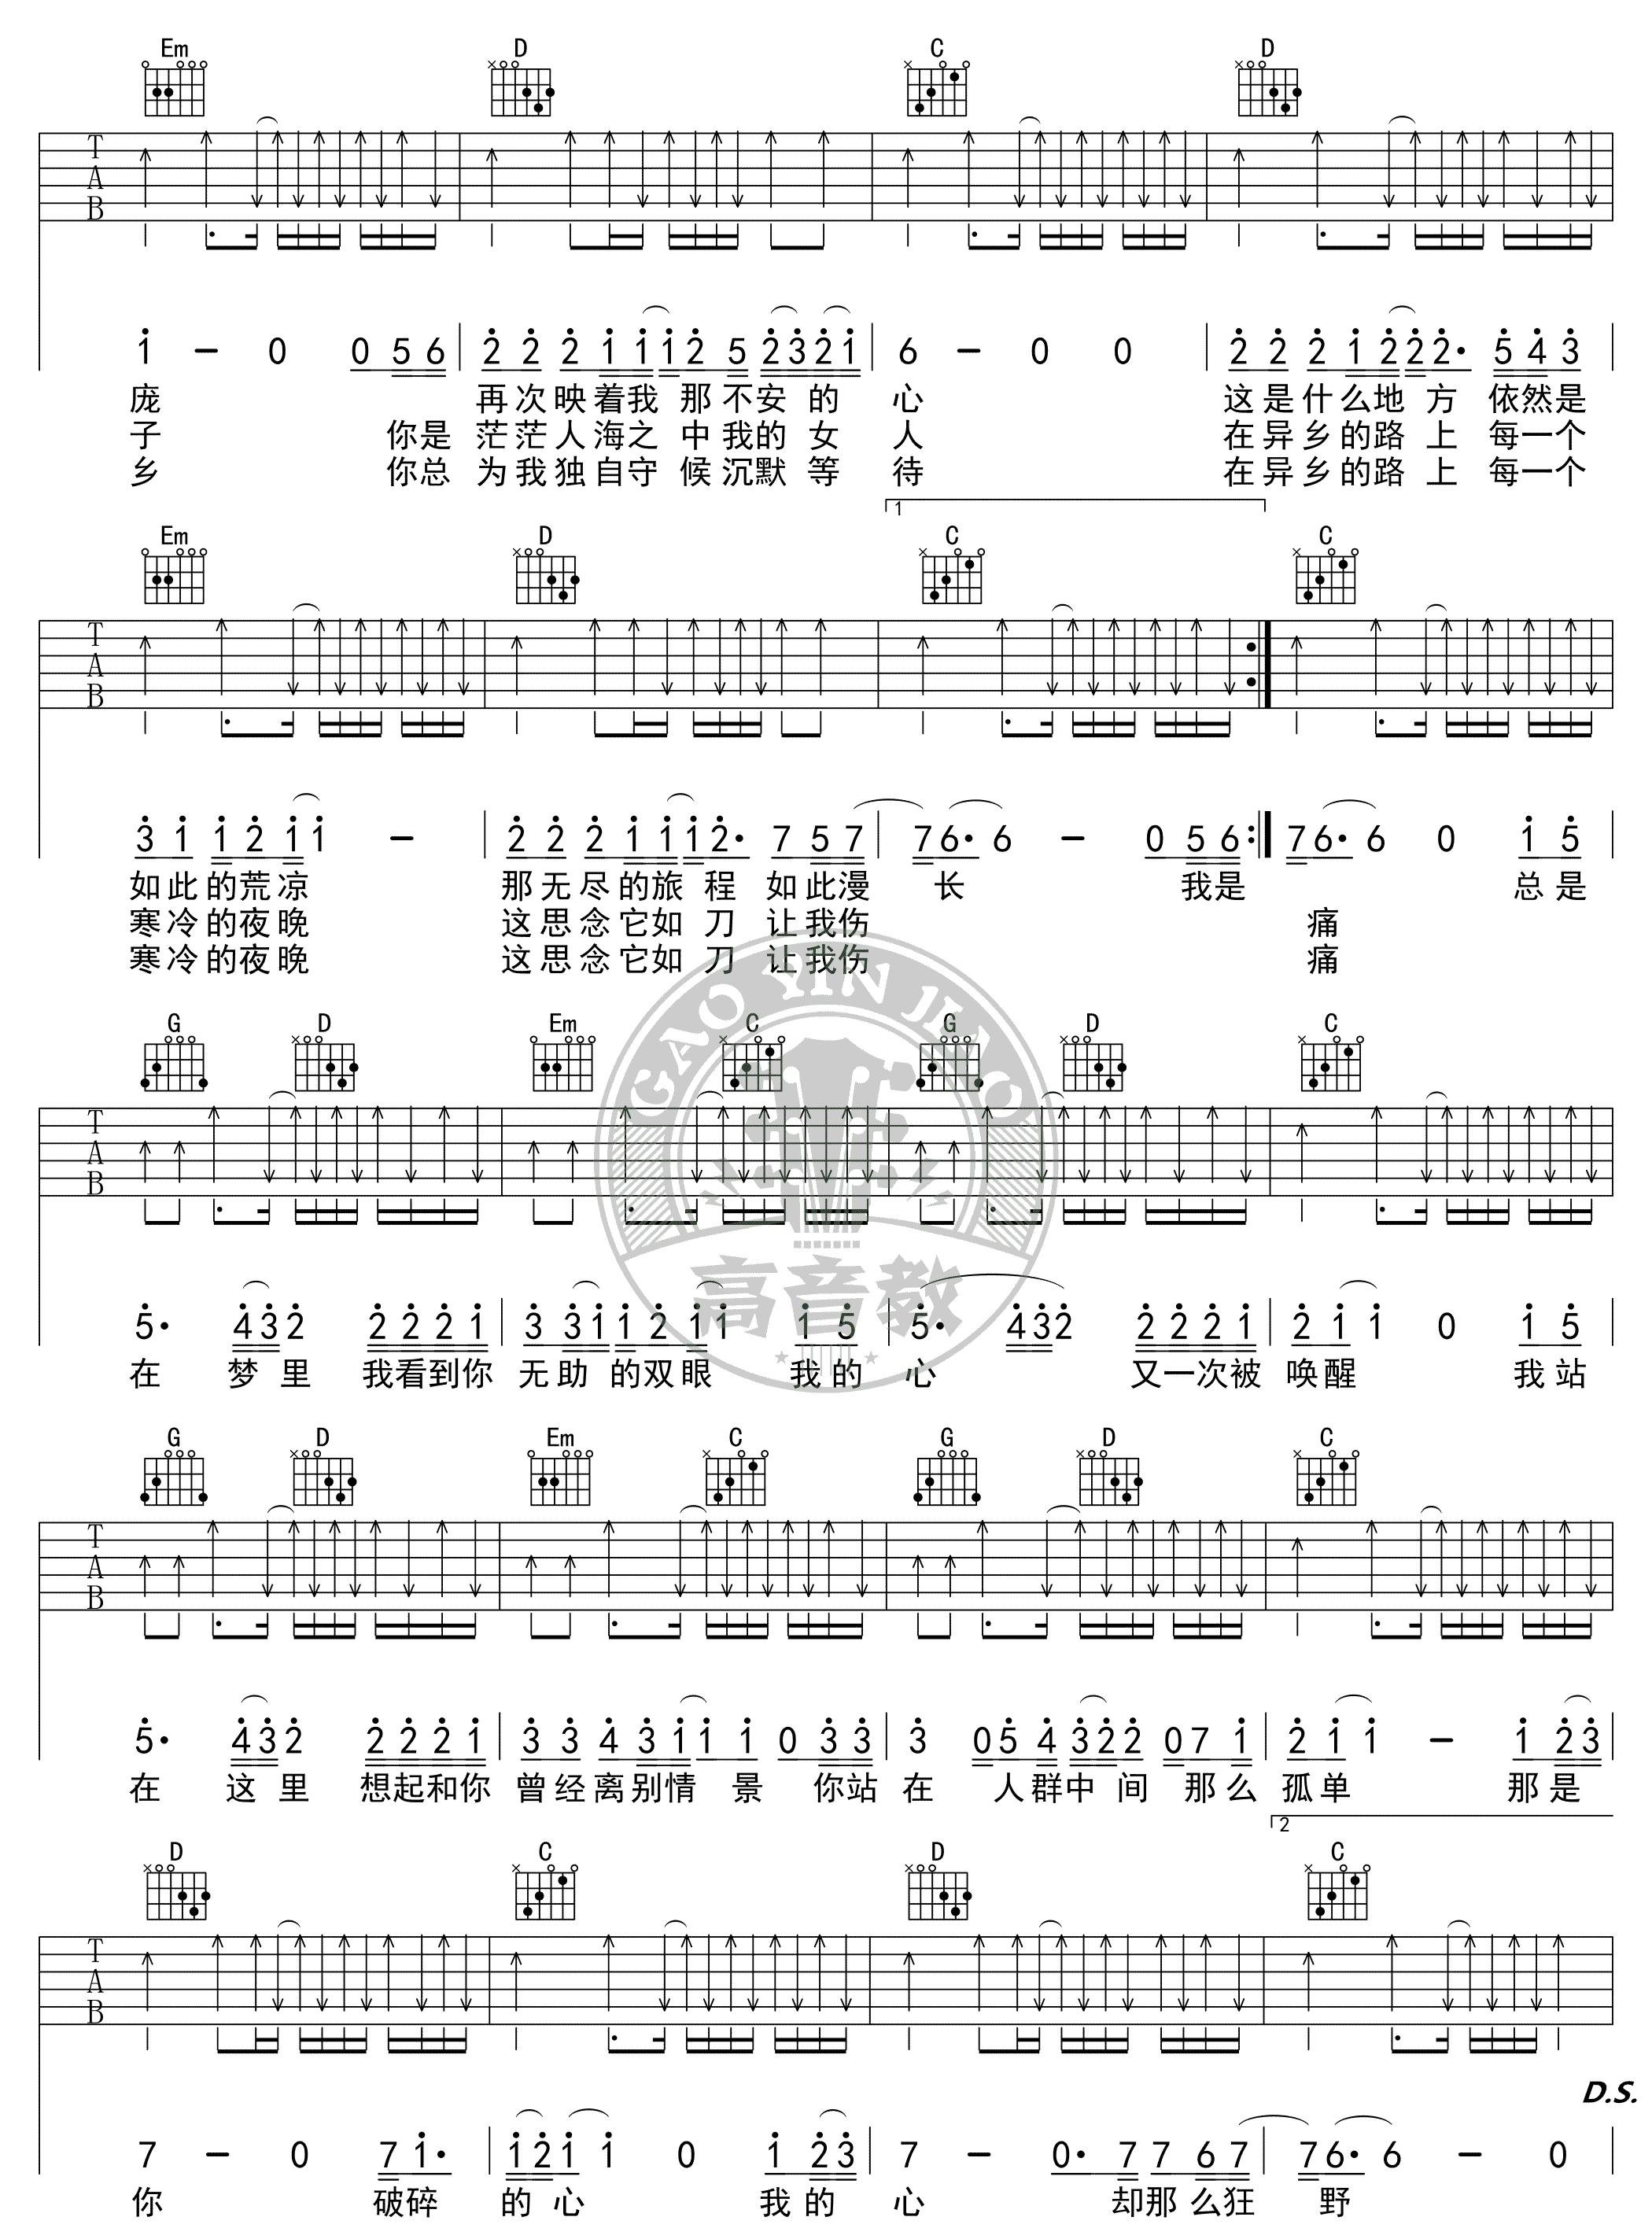 许巍故乡c调吉他谱_故乡_许巍_G调标准版高清版 吉他谱 许巍 吉他图片谱4张   吉他谱 ...